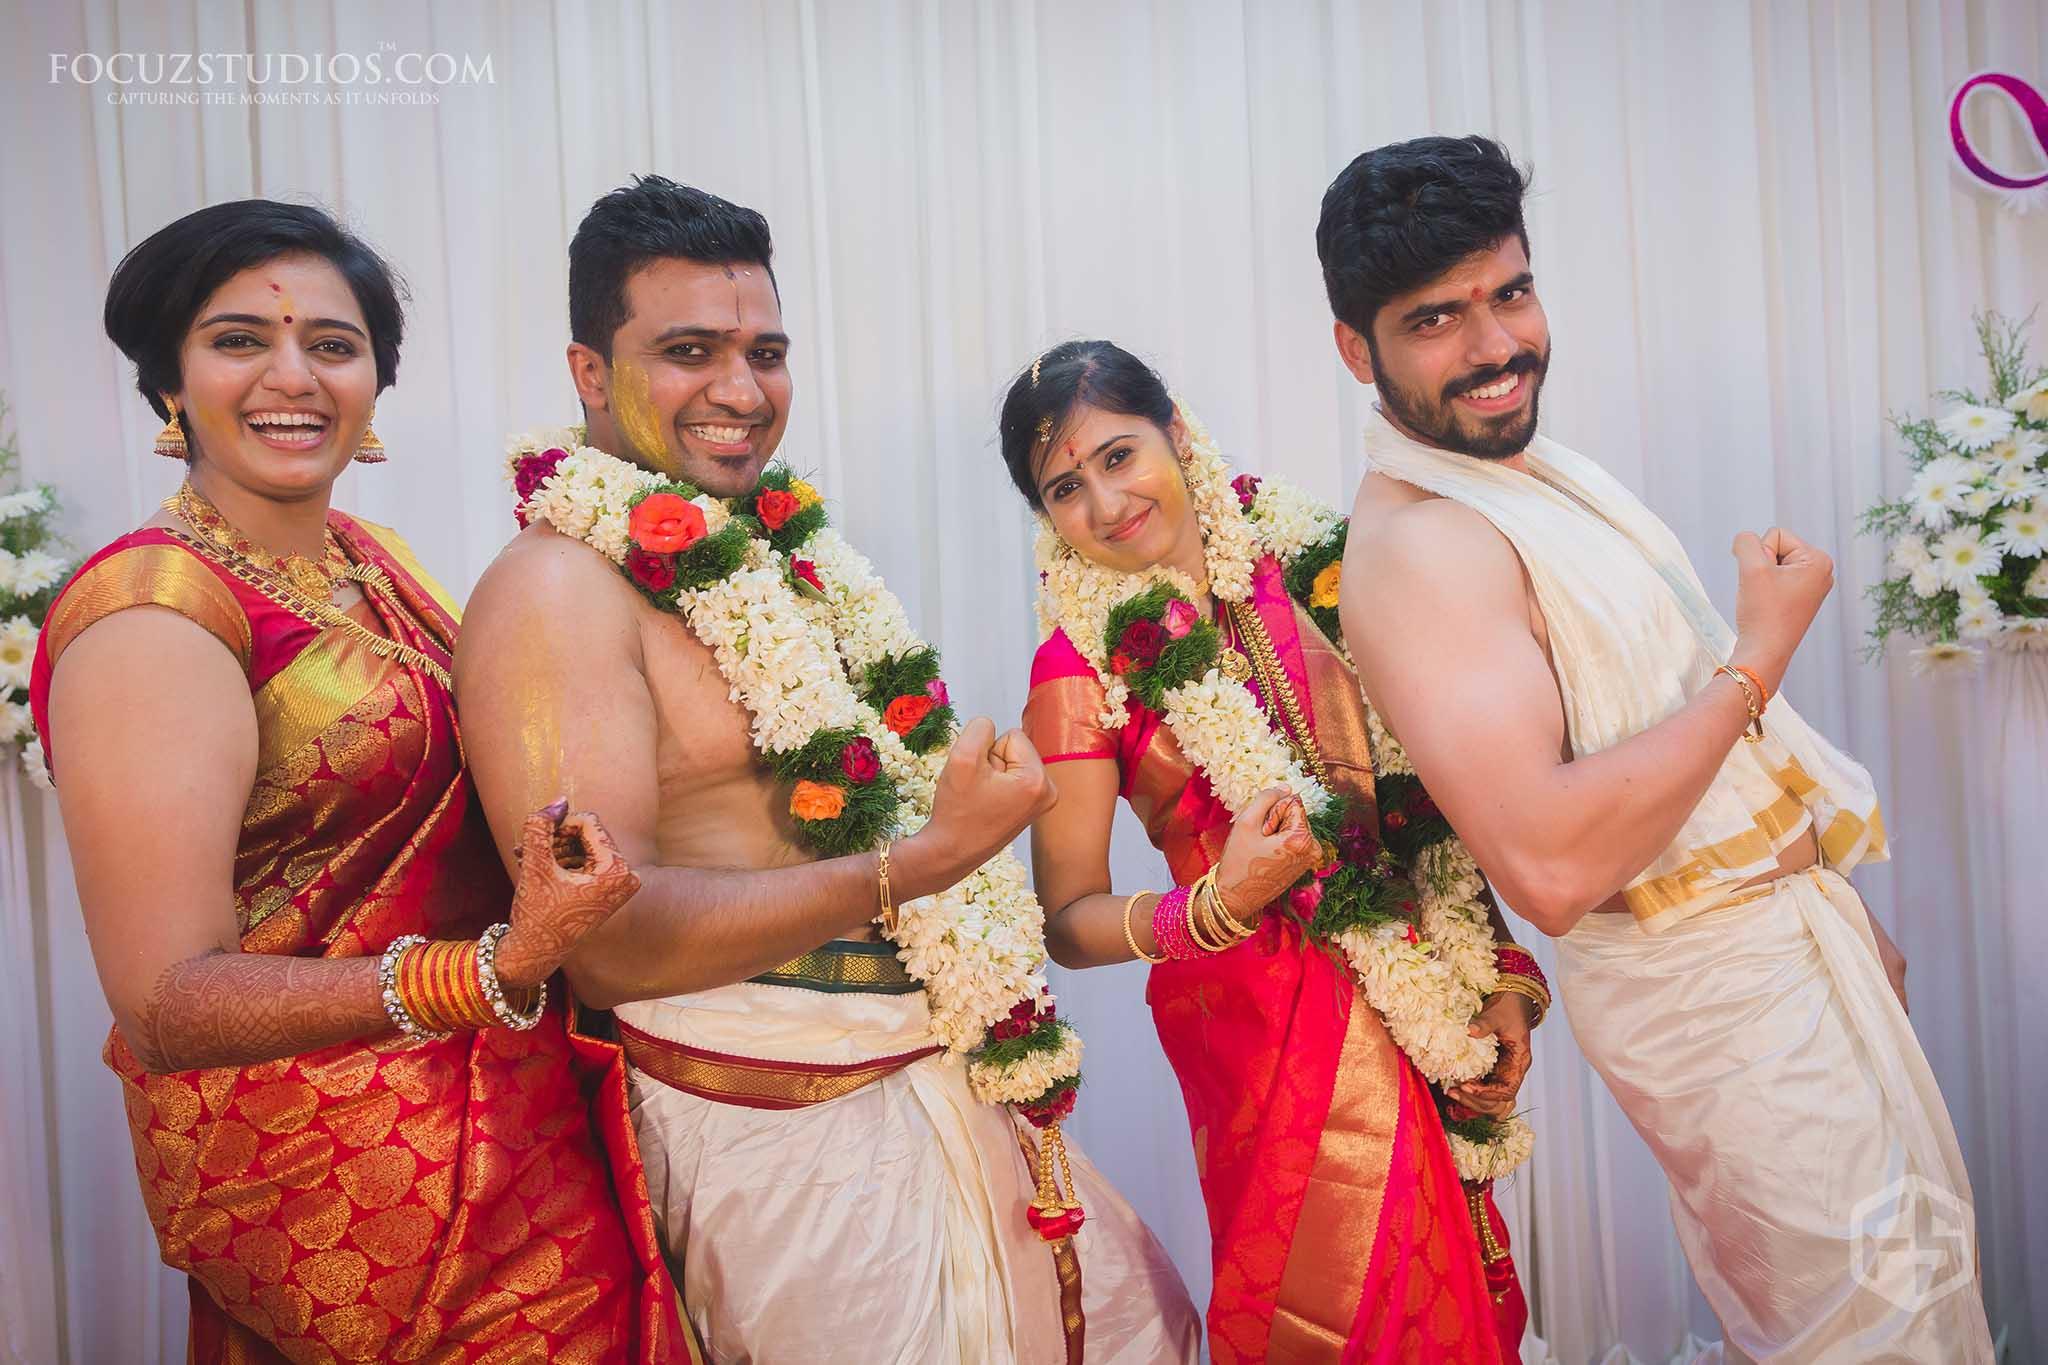 udupi-brahmins-wedding-photography-kerala-26